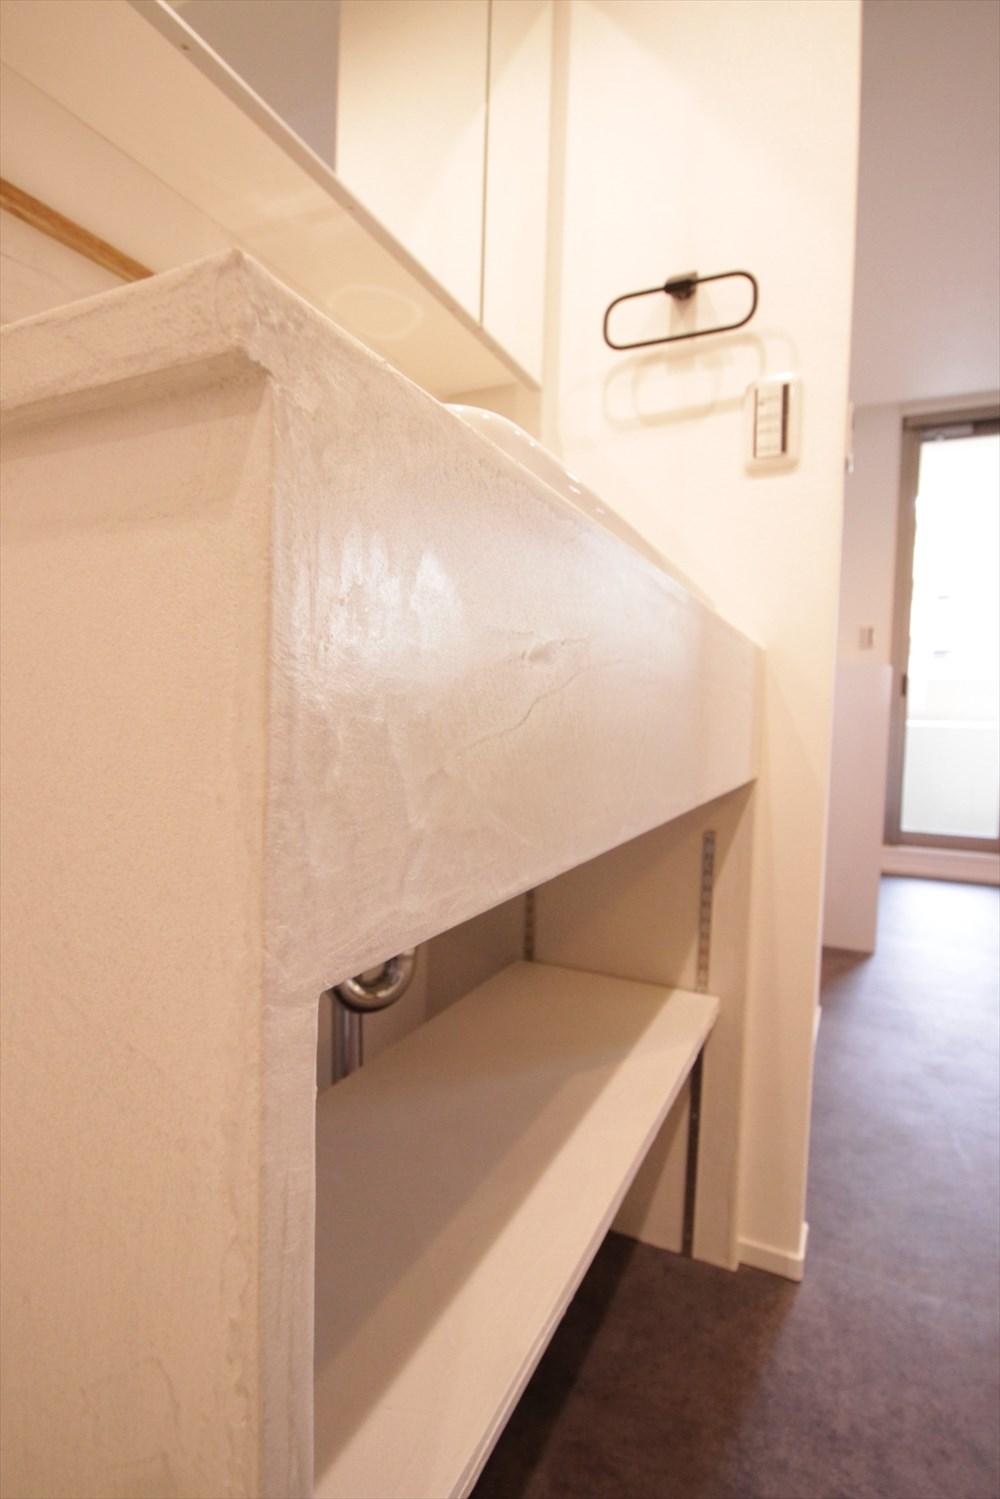 コンクリート質感のデコリエ造作洗面台|リノベーション横浜